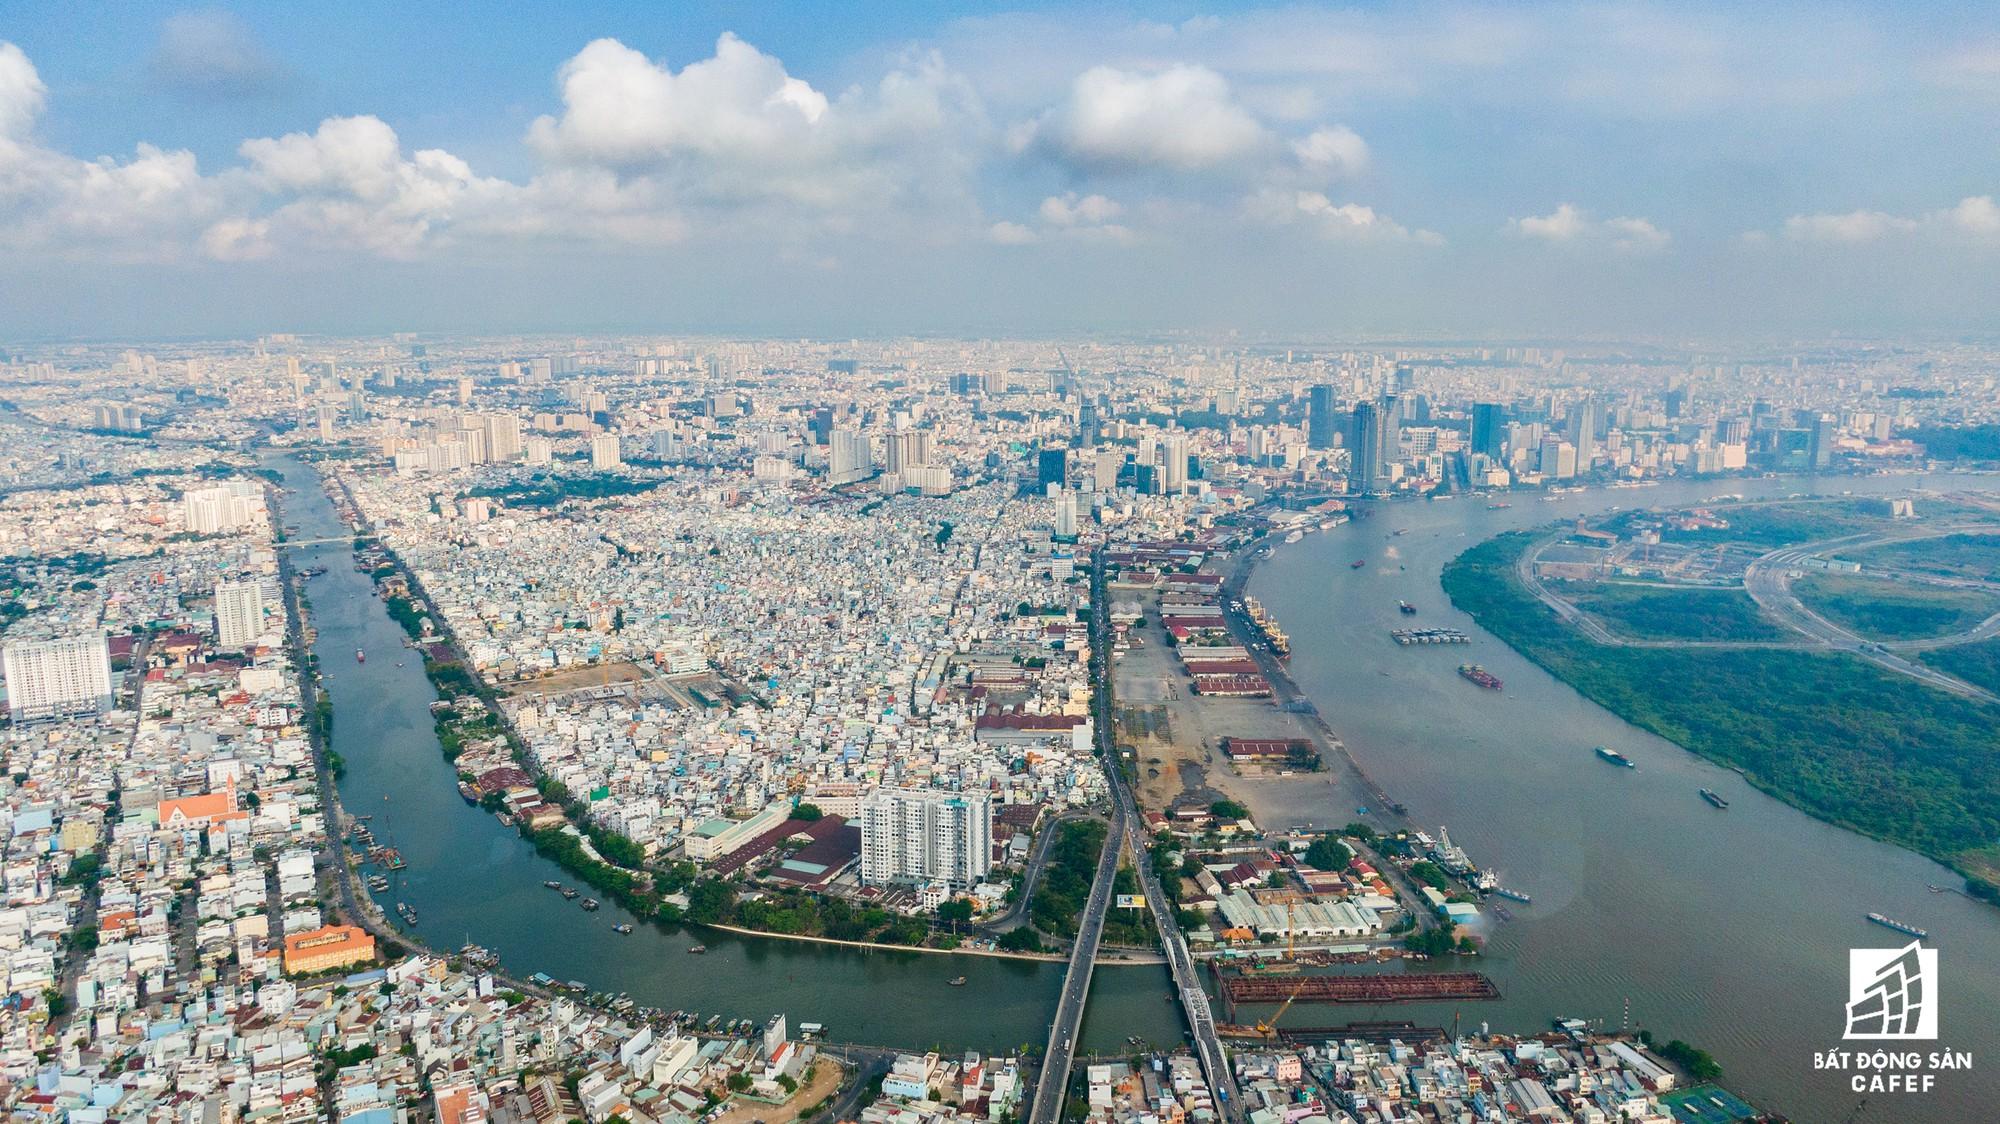 Diện mạo hai bờ sông Sài Gòn tương lai nhìn từ loạt siêu dự án tỷ đô, khu vực trung tâm giá nhà lên hơn 1 tỷ đồng/m2 - Ảnh 29.